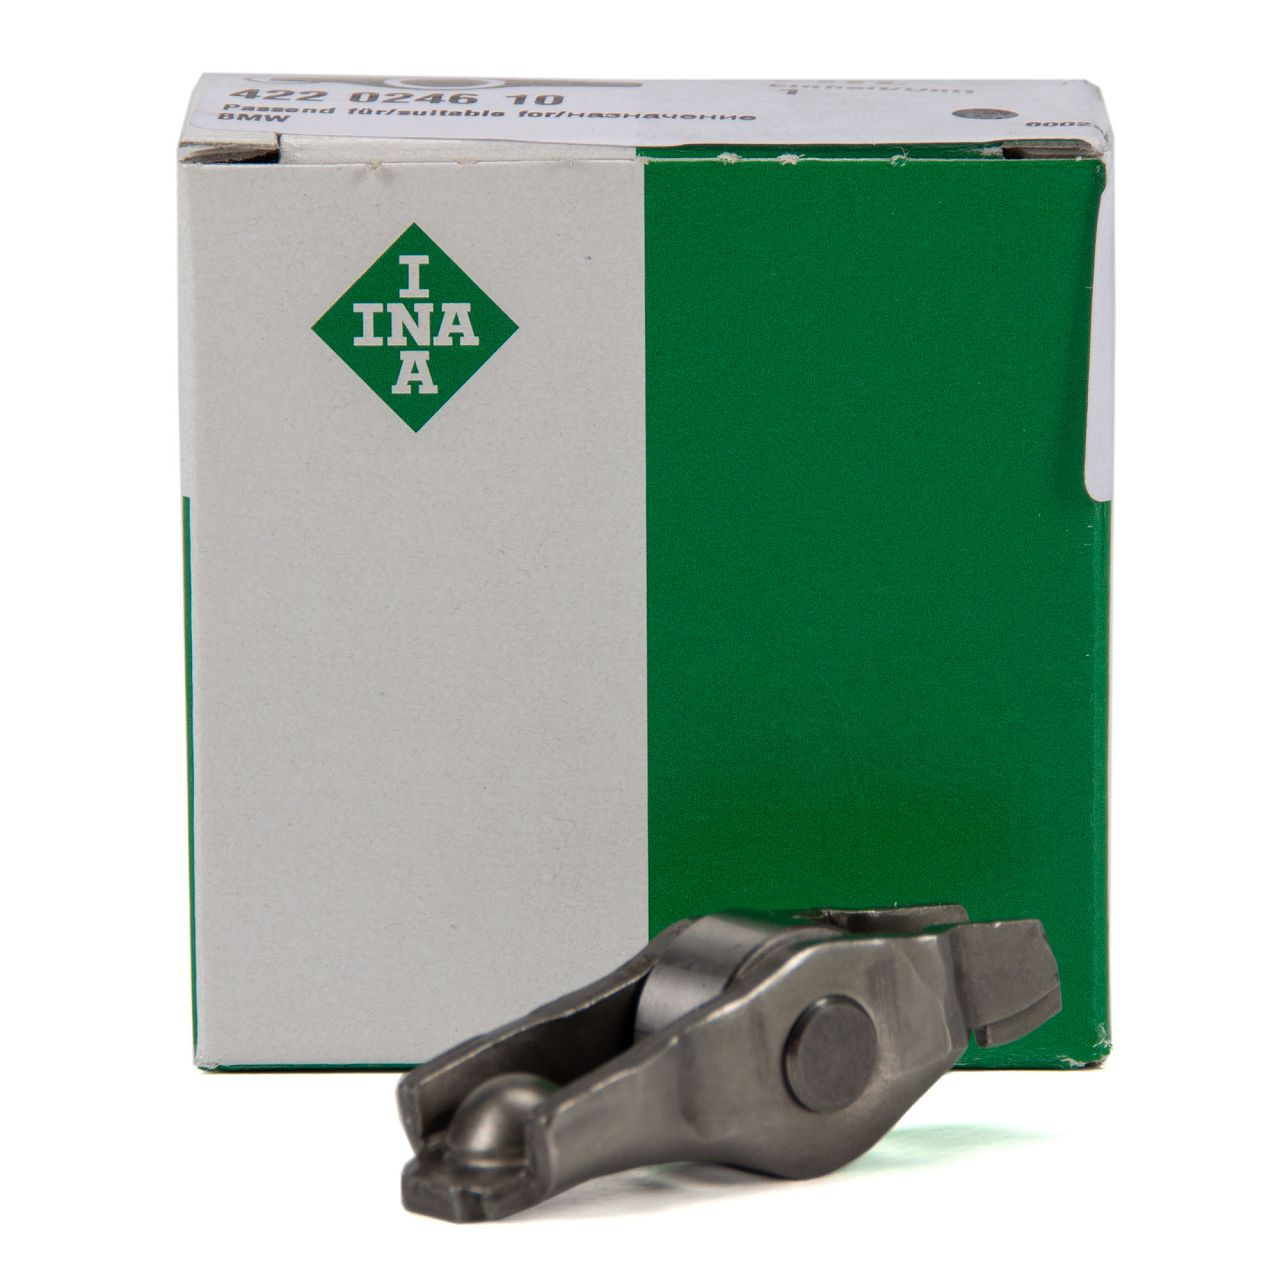 INA Kipphebel Schlepphebel BMW & MINI N47 N57 M57 B47 für 4 + 6 Zylinder DIESEL